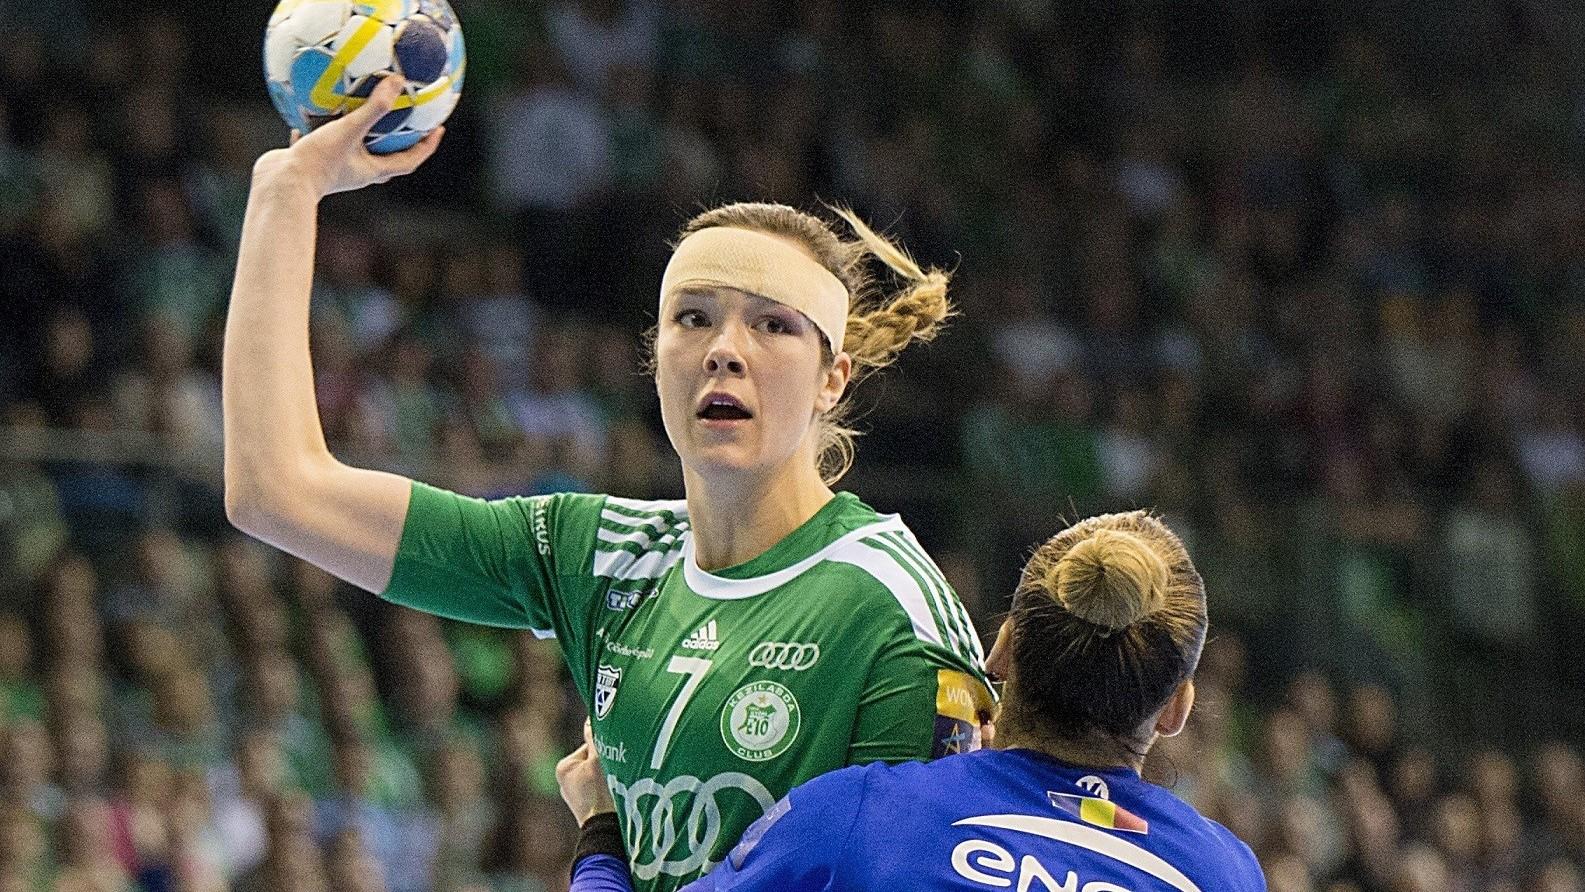 Magyar sikerek a női kupaküzdelmekben